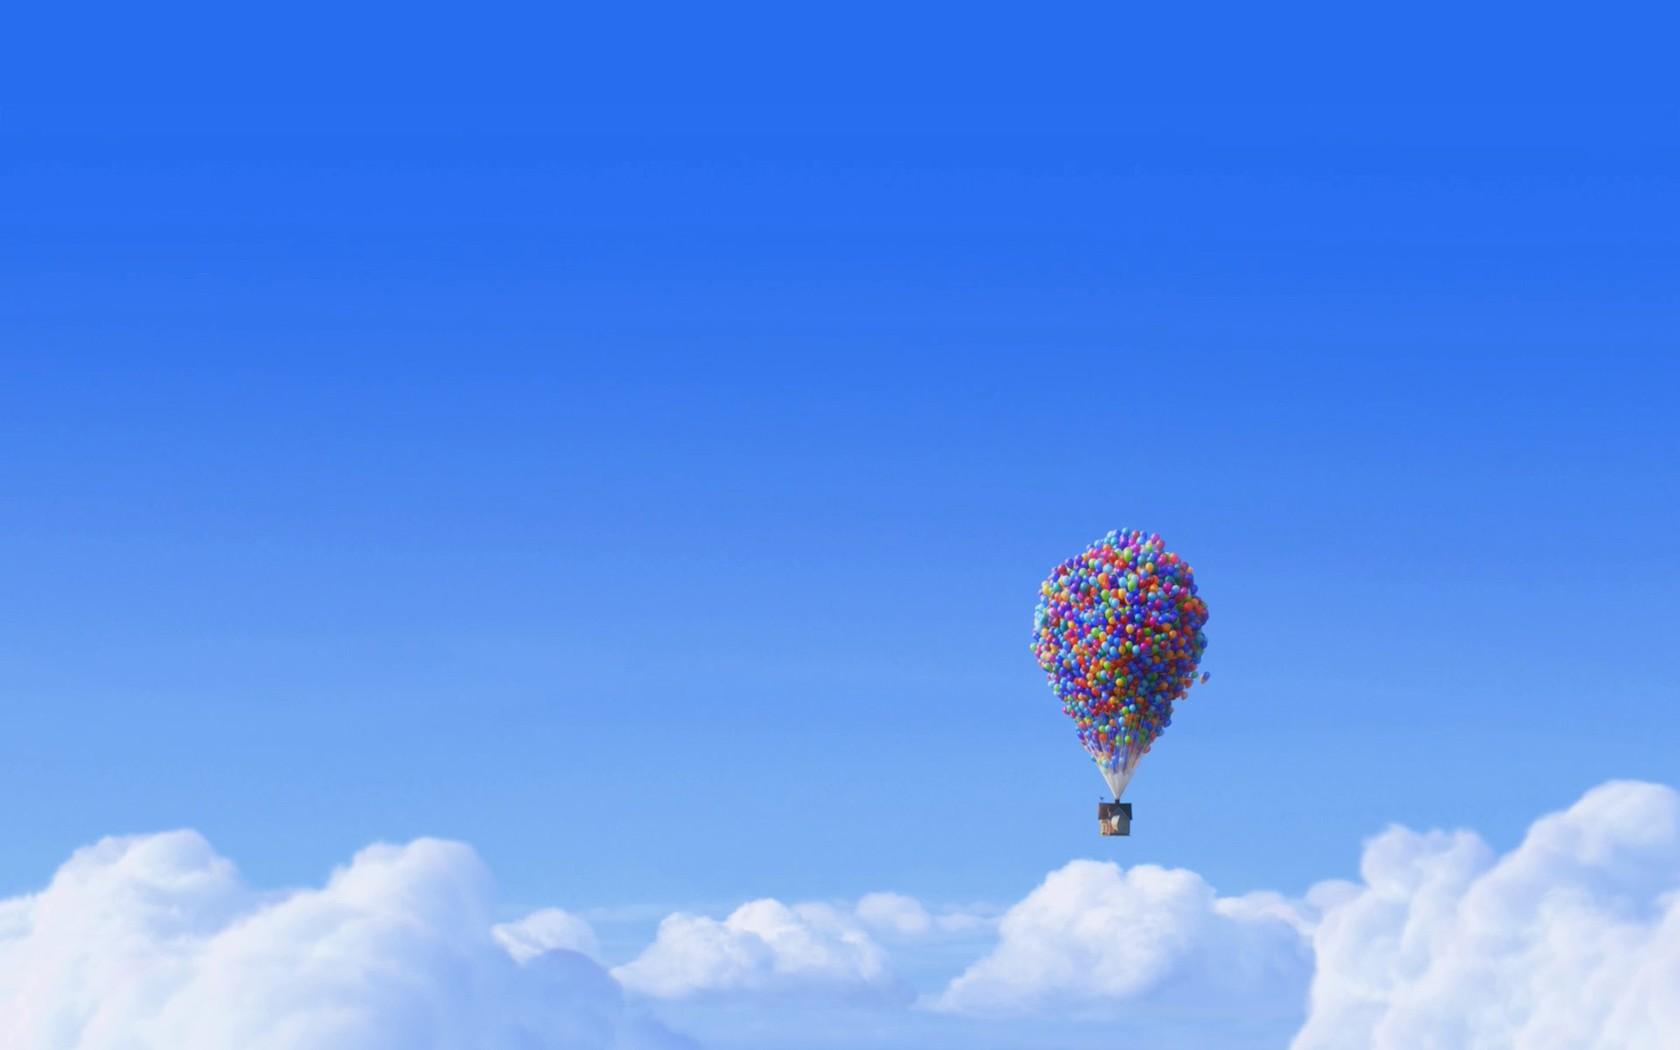 Balloon house   Up wallpaper 4785 1680x1050